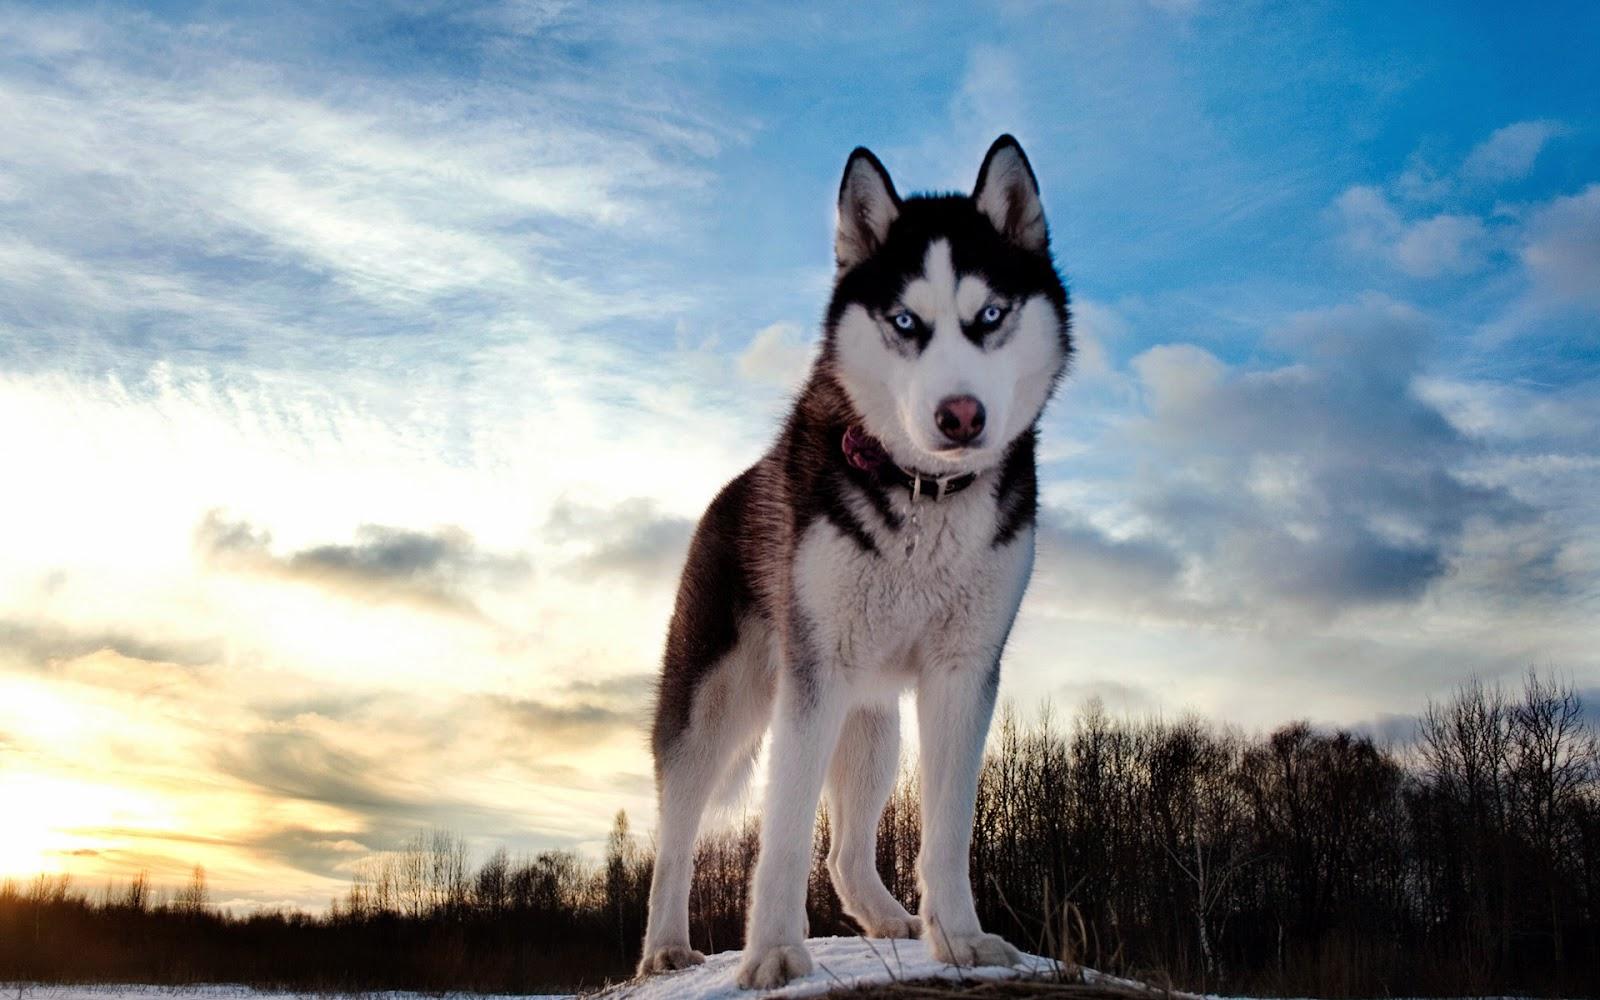 Wallpaper met wolf met blauwe ogen